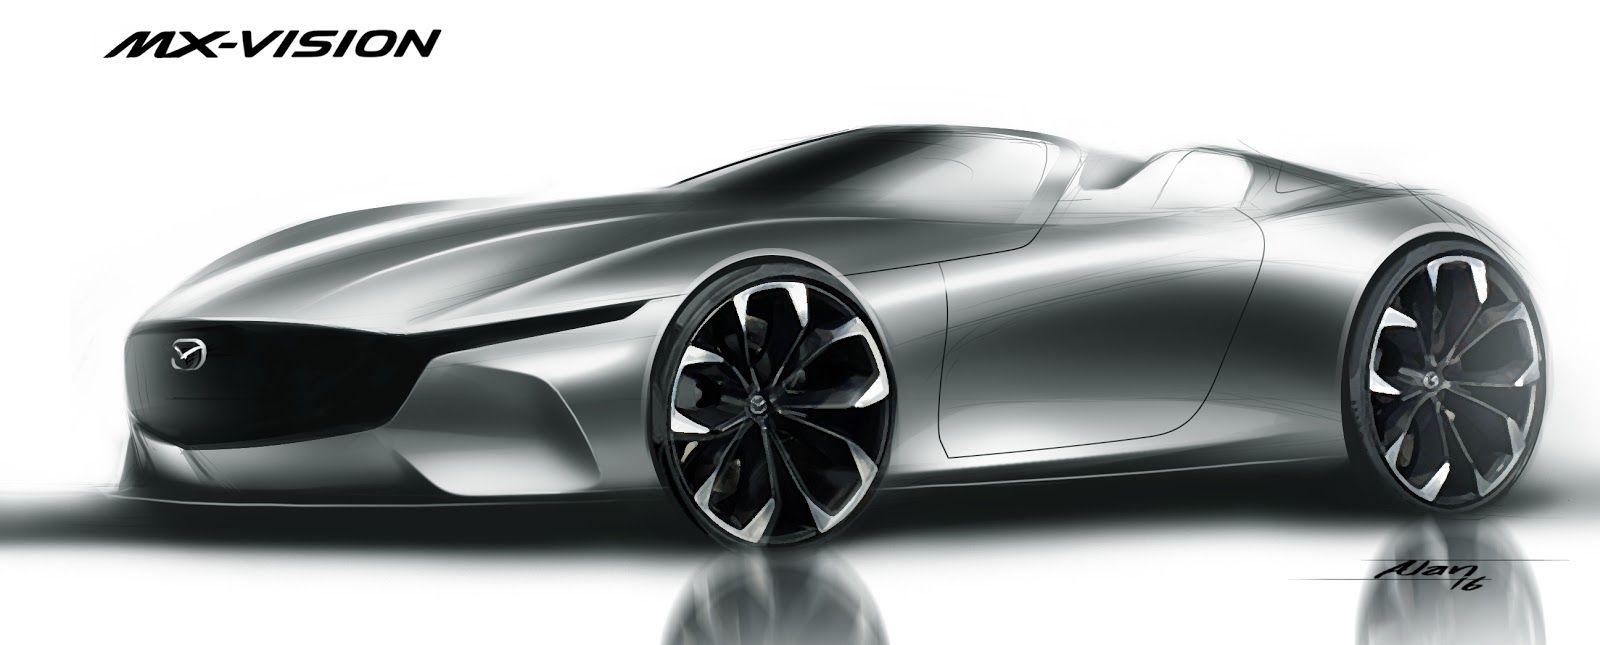 Alan derosier transportation design vehicle sketches pinterest dessin voiture voiture - Croquis voiture ...